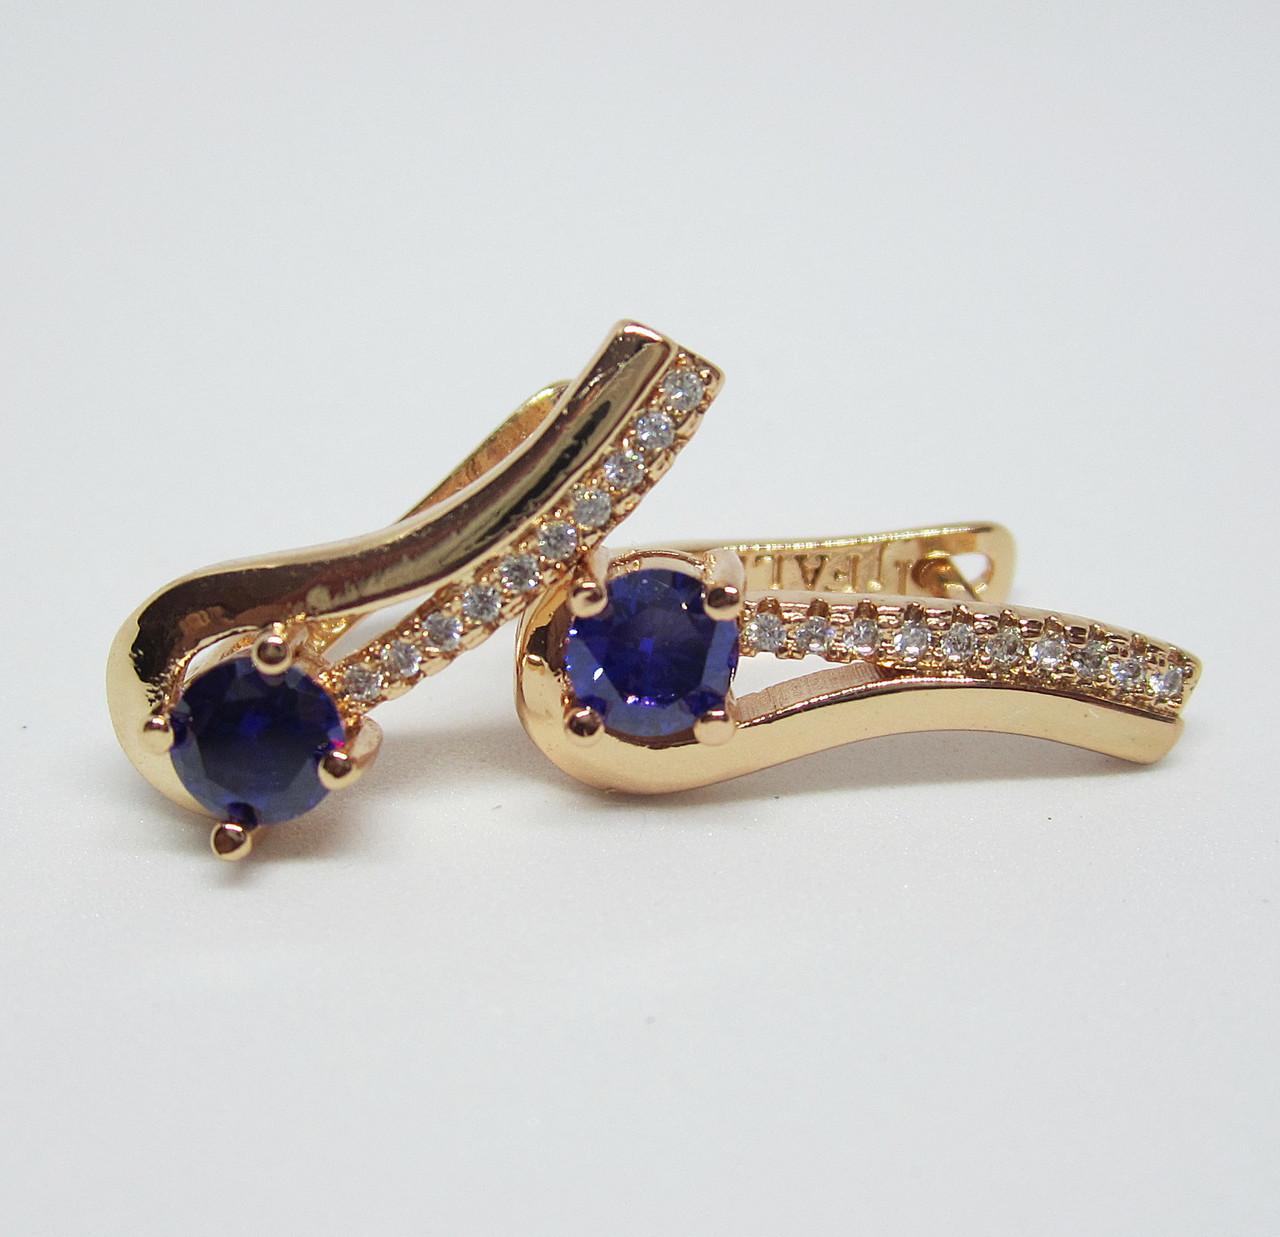 Сережки Ліра з фіолетовими камінням висота 20 мм ширина 7 мм